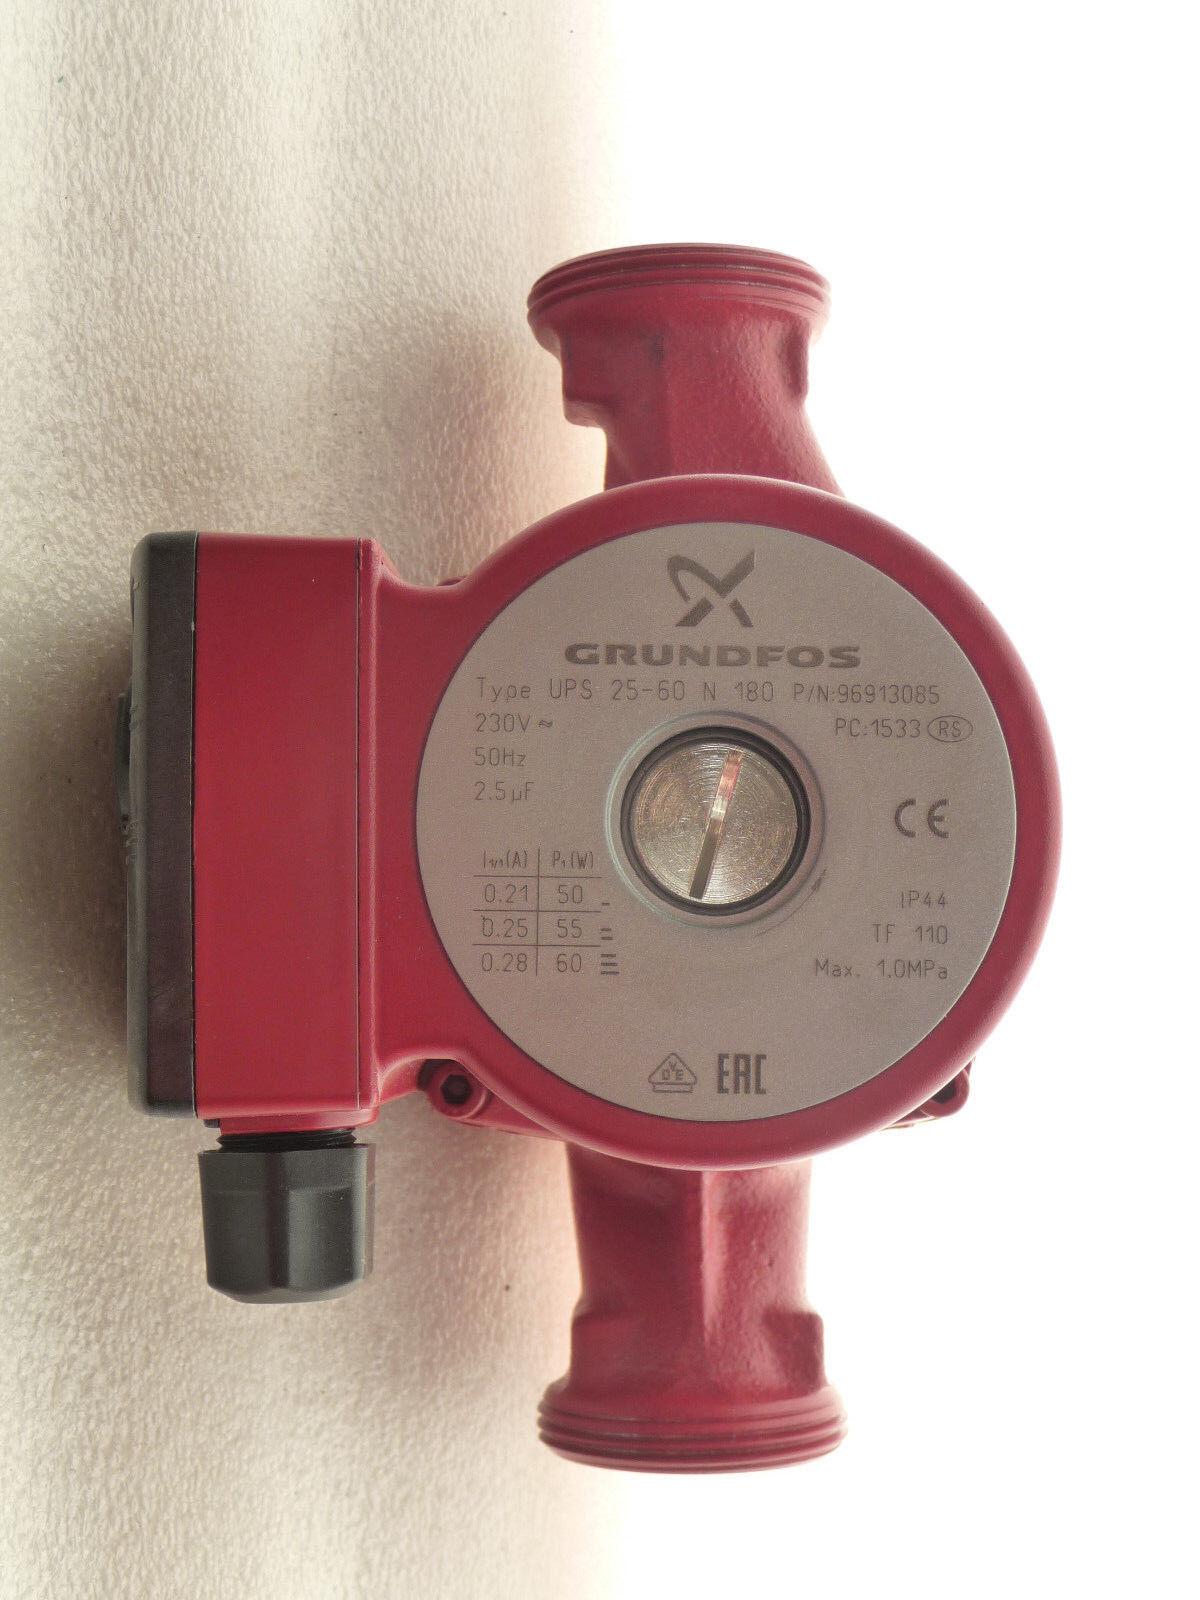 Grundfos UPS 25 - 60 60 60 N  Zirkulationspumpe 230 Volt  180 mm NEU P5690/18 3be54f